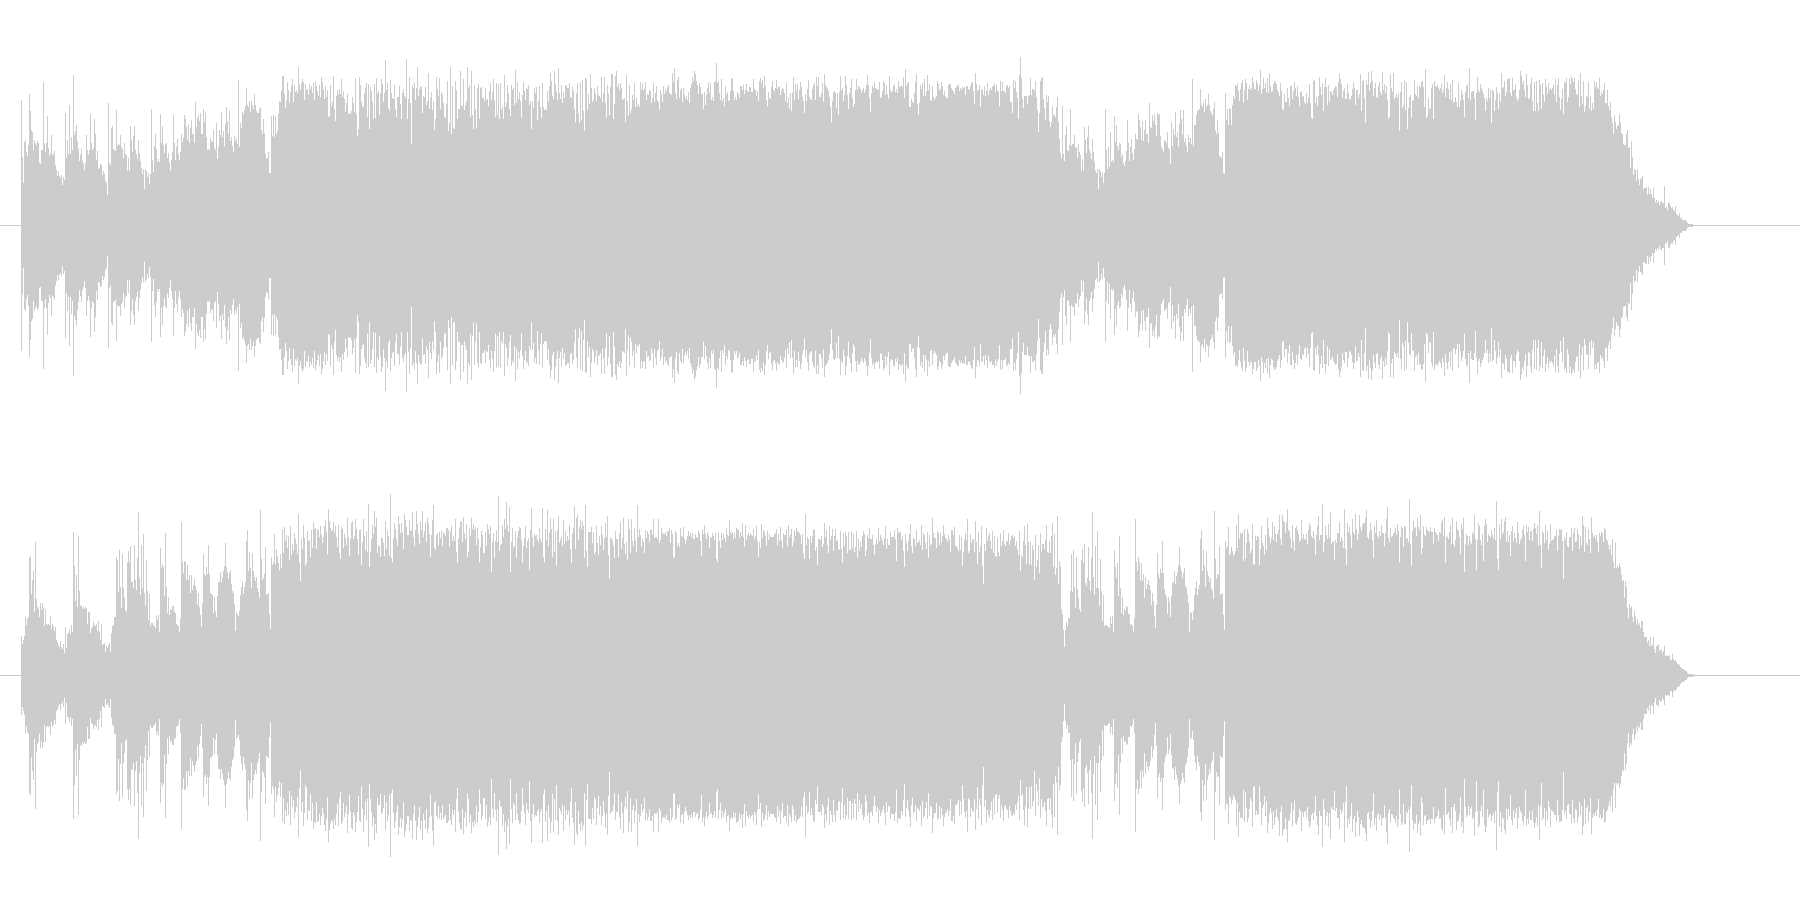 ネイチャーシリーズの楽曲の1つです。幻…の未再生の波形